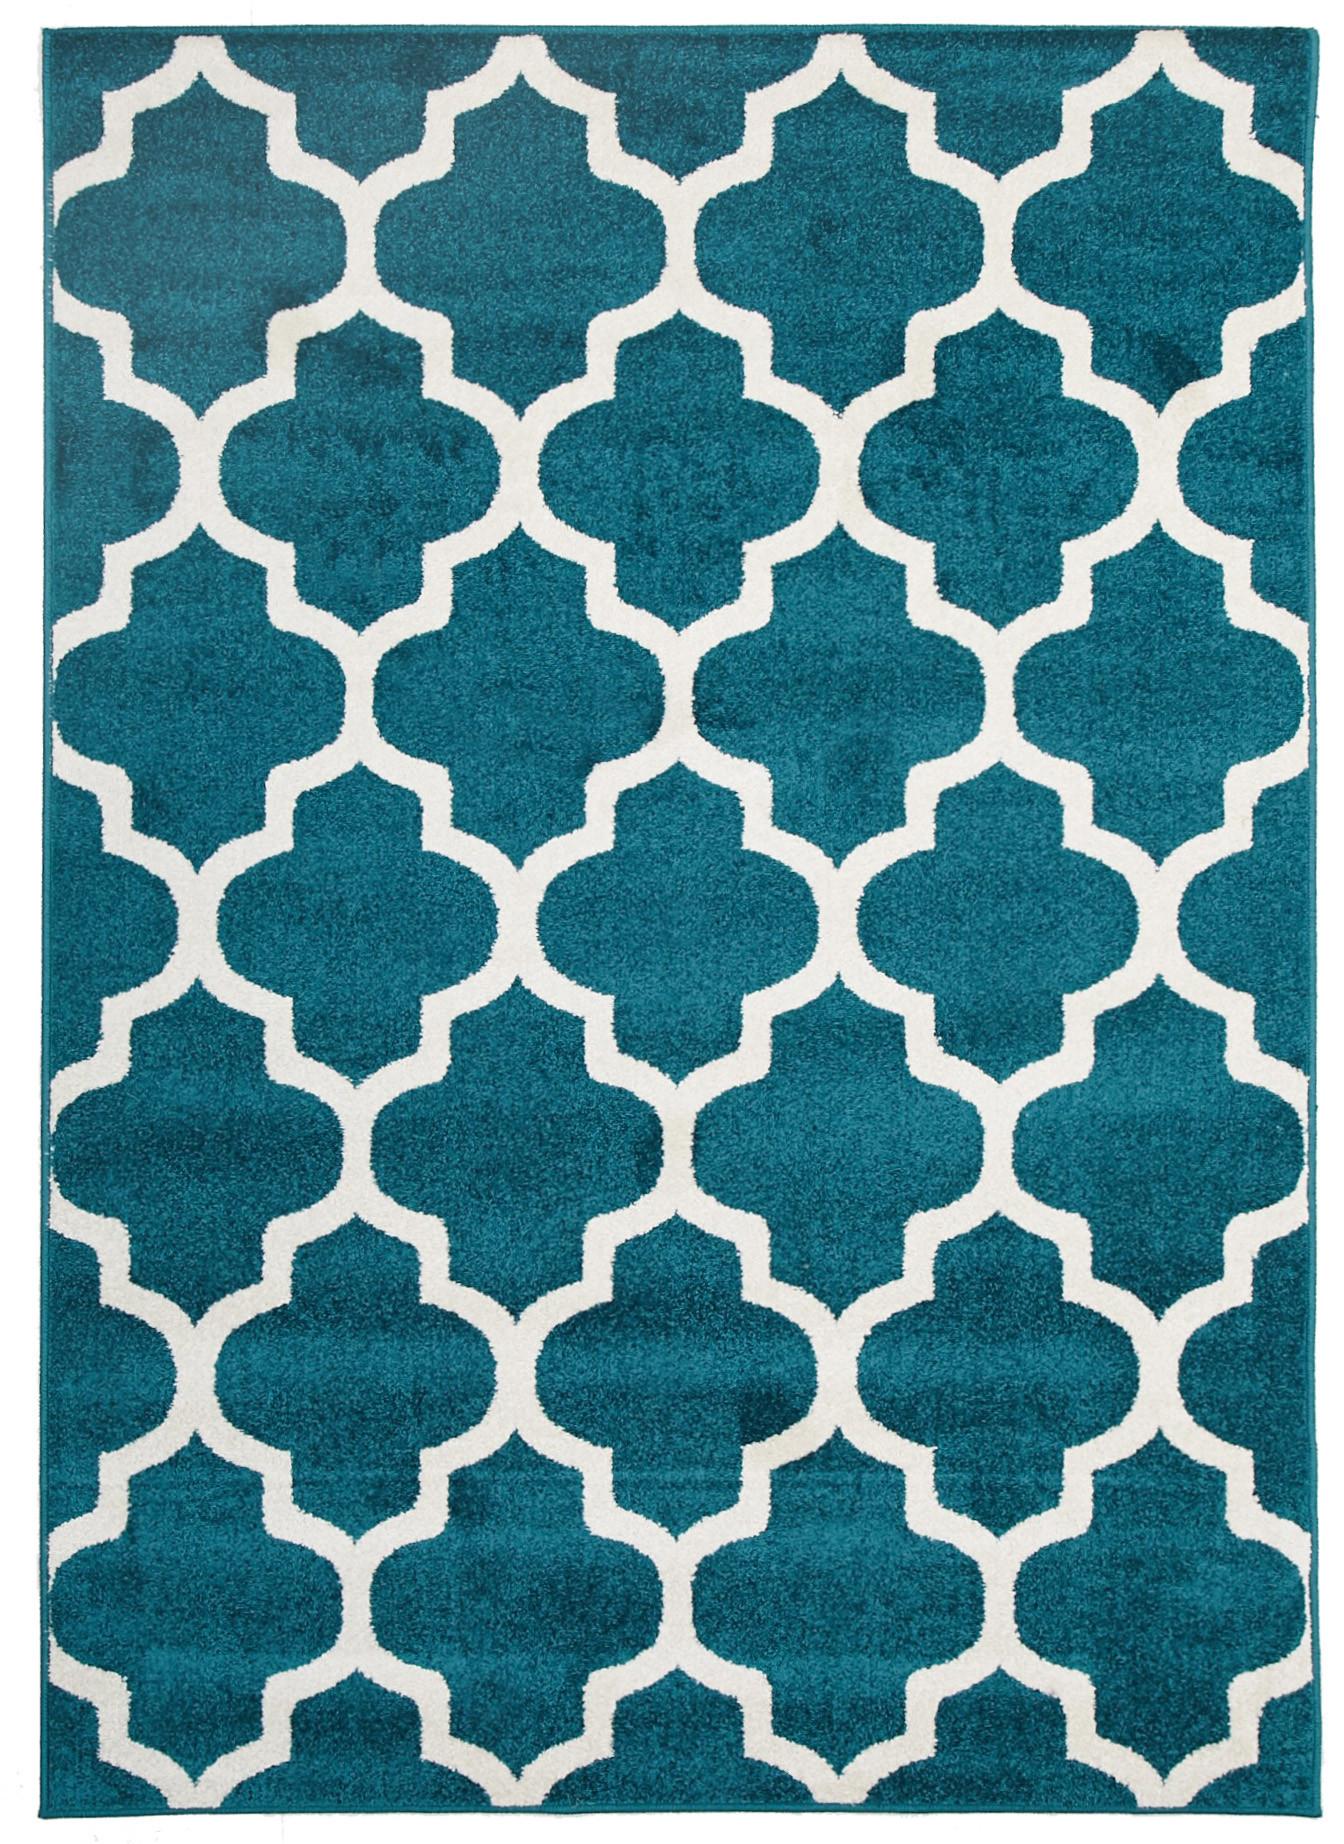 sku netw nischel moroccan tile indoor outdoor rug is also sometimeslisted under the following manufacturer numbers mrqpeacx . network nischel moroccan tile indoor outdoor rug  reviews